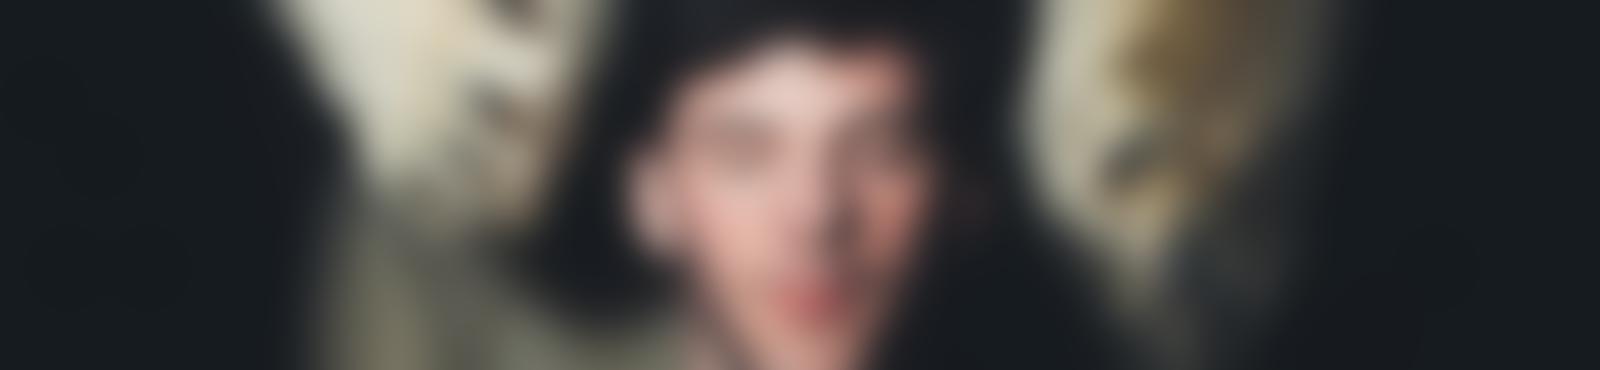 Blurred 7ebd32c4 cc96 4e96 9c0c 41f0685285ad